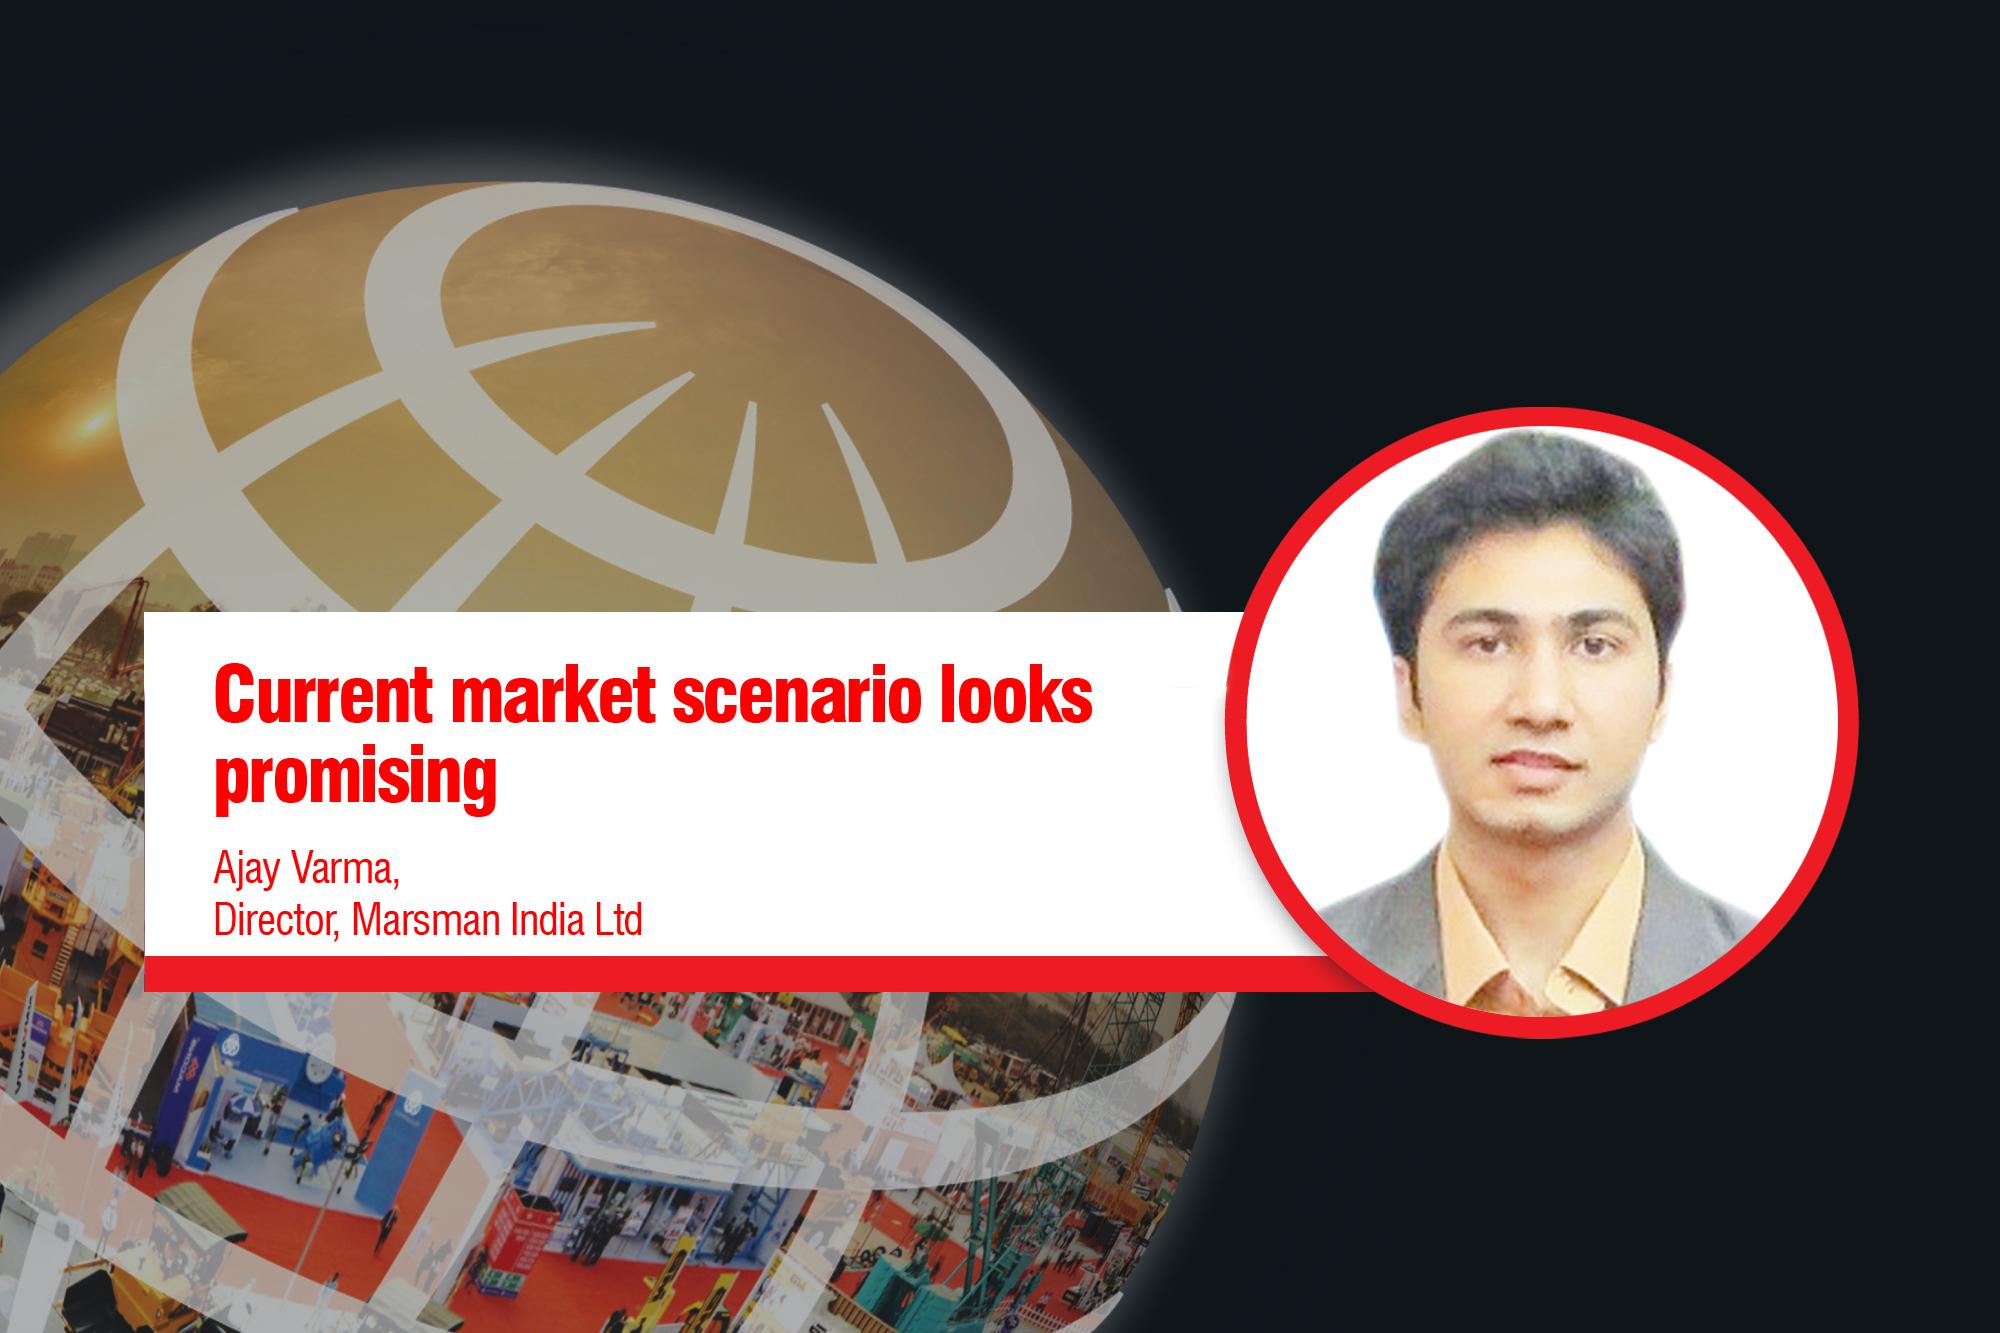 Current market scenario looks promising